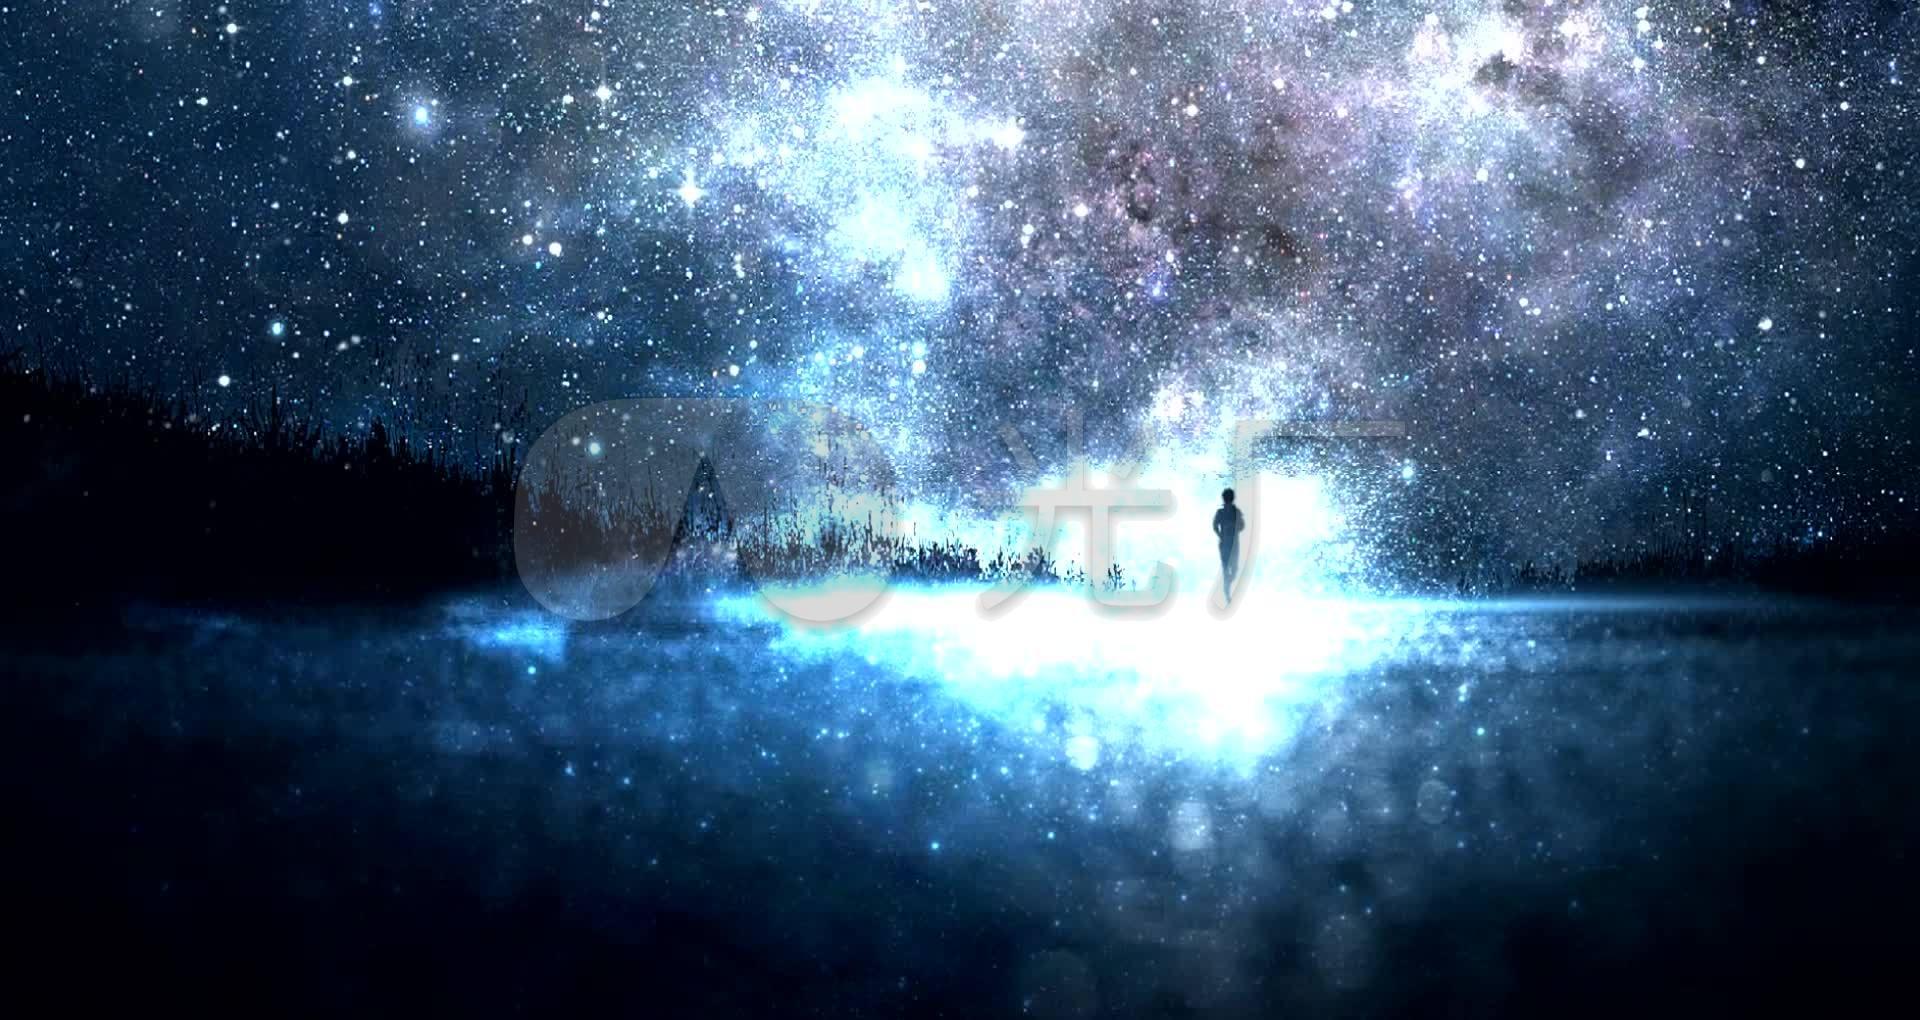 星空视频壁纸_绚丽星空繁星闪烁湖面倒影led背景视频